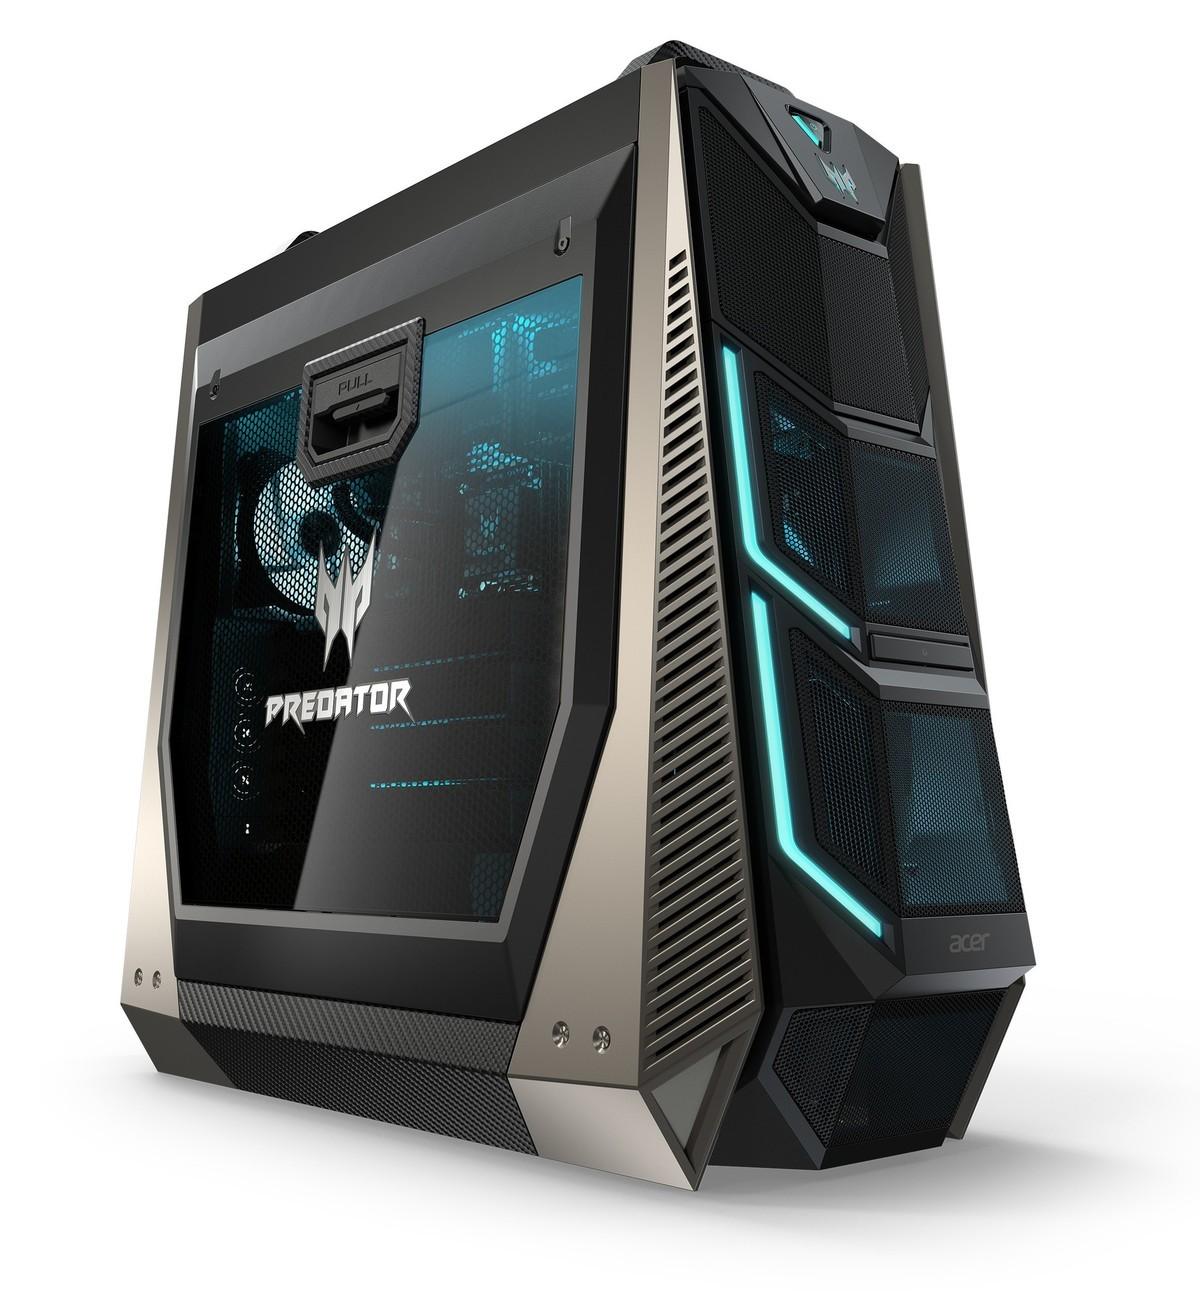 ایفا 2017: ایسر از رایانه شخصی مخصوص بازی  Orion 9000  پرده برداشت